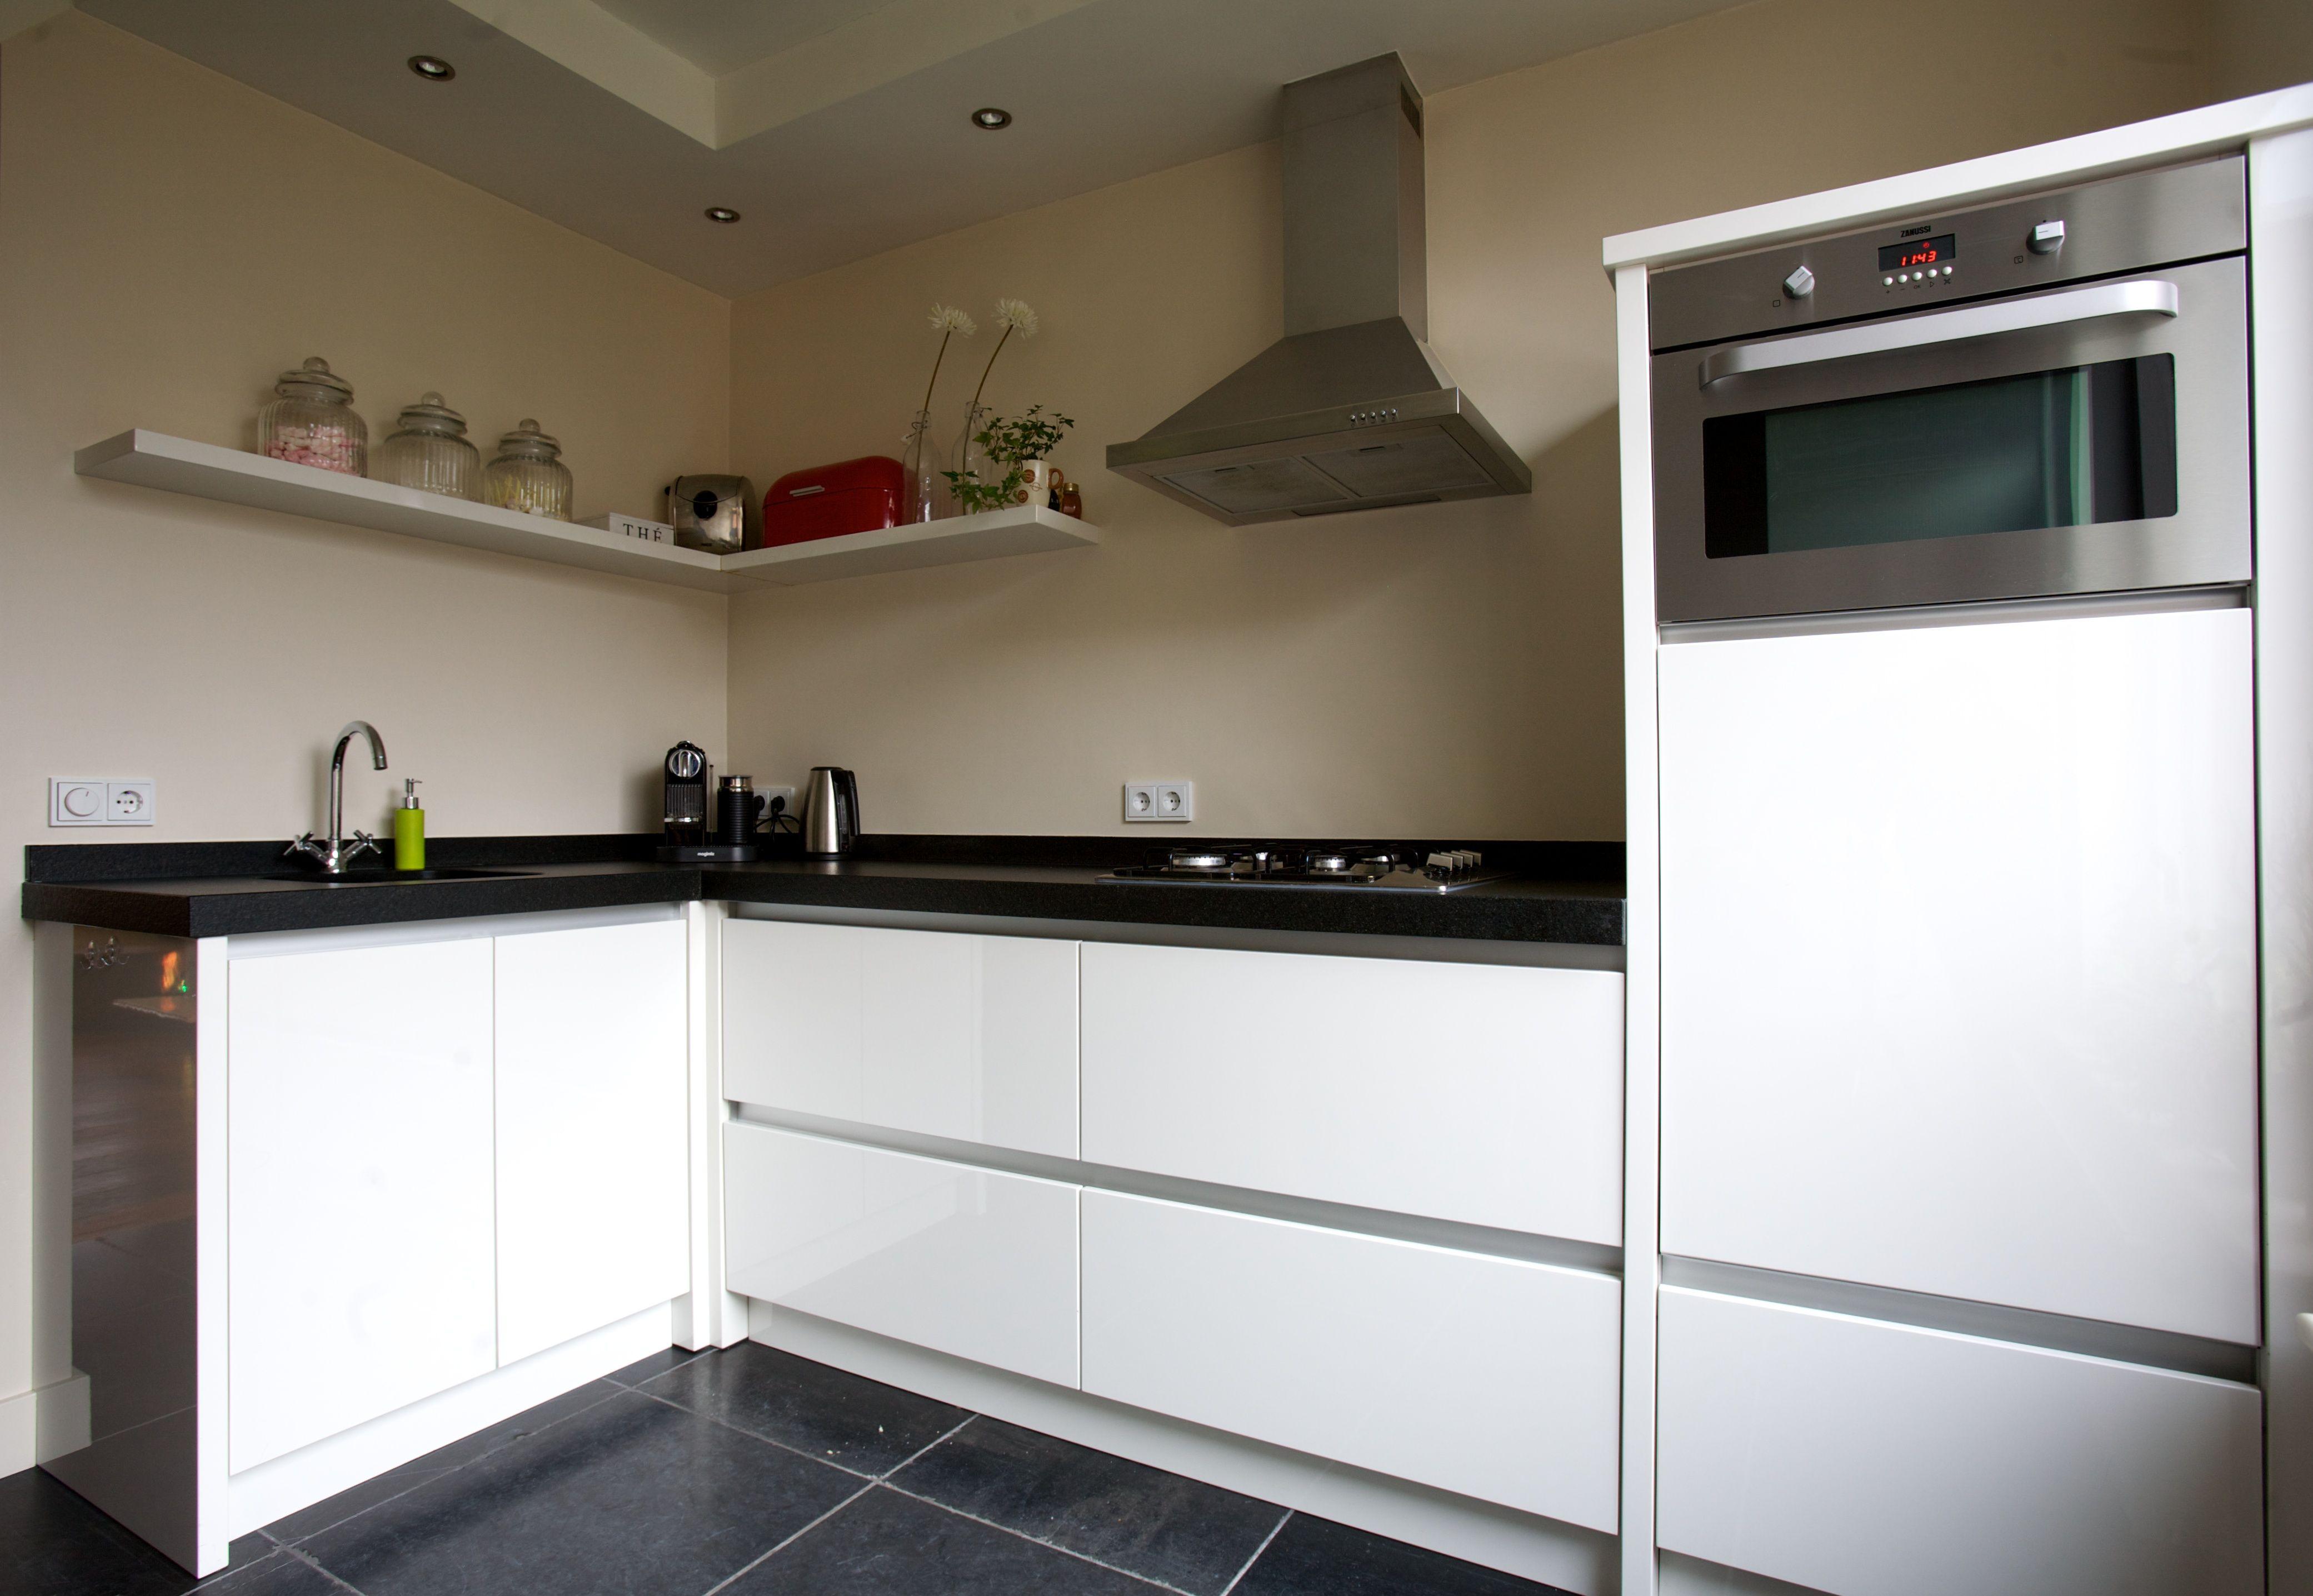 Moderne keuken keuken is in hoogglans wit gespoten aanrechtblad uitgevoerd in graniet - Modern keukenplan ...